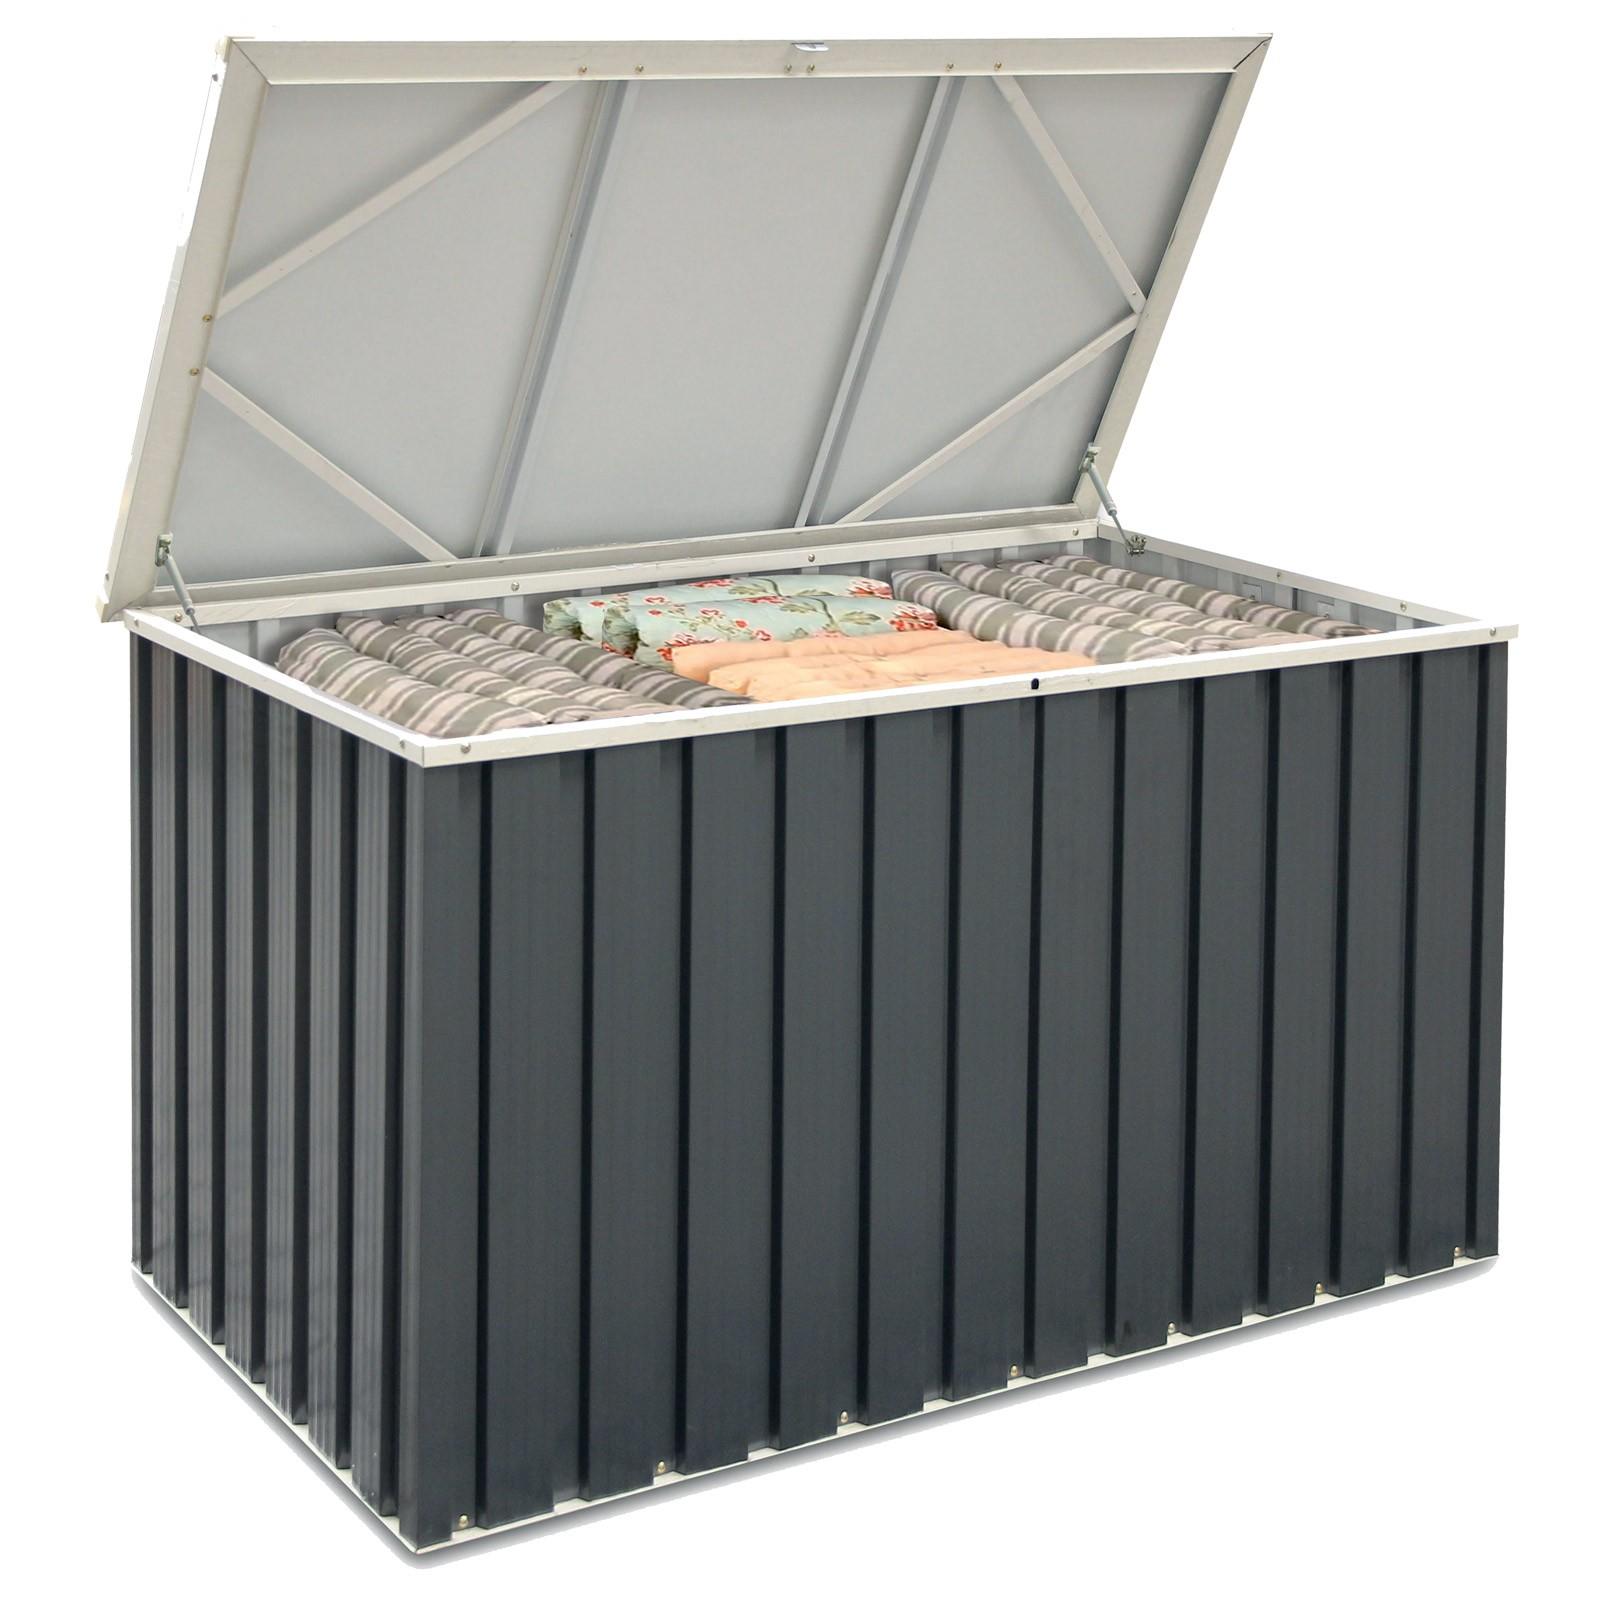 Tepro Keter Metall-Gerätebox Auflagenbox Kissenbox Gartenbox Aufbewahrungskiste 135x70 7422